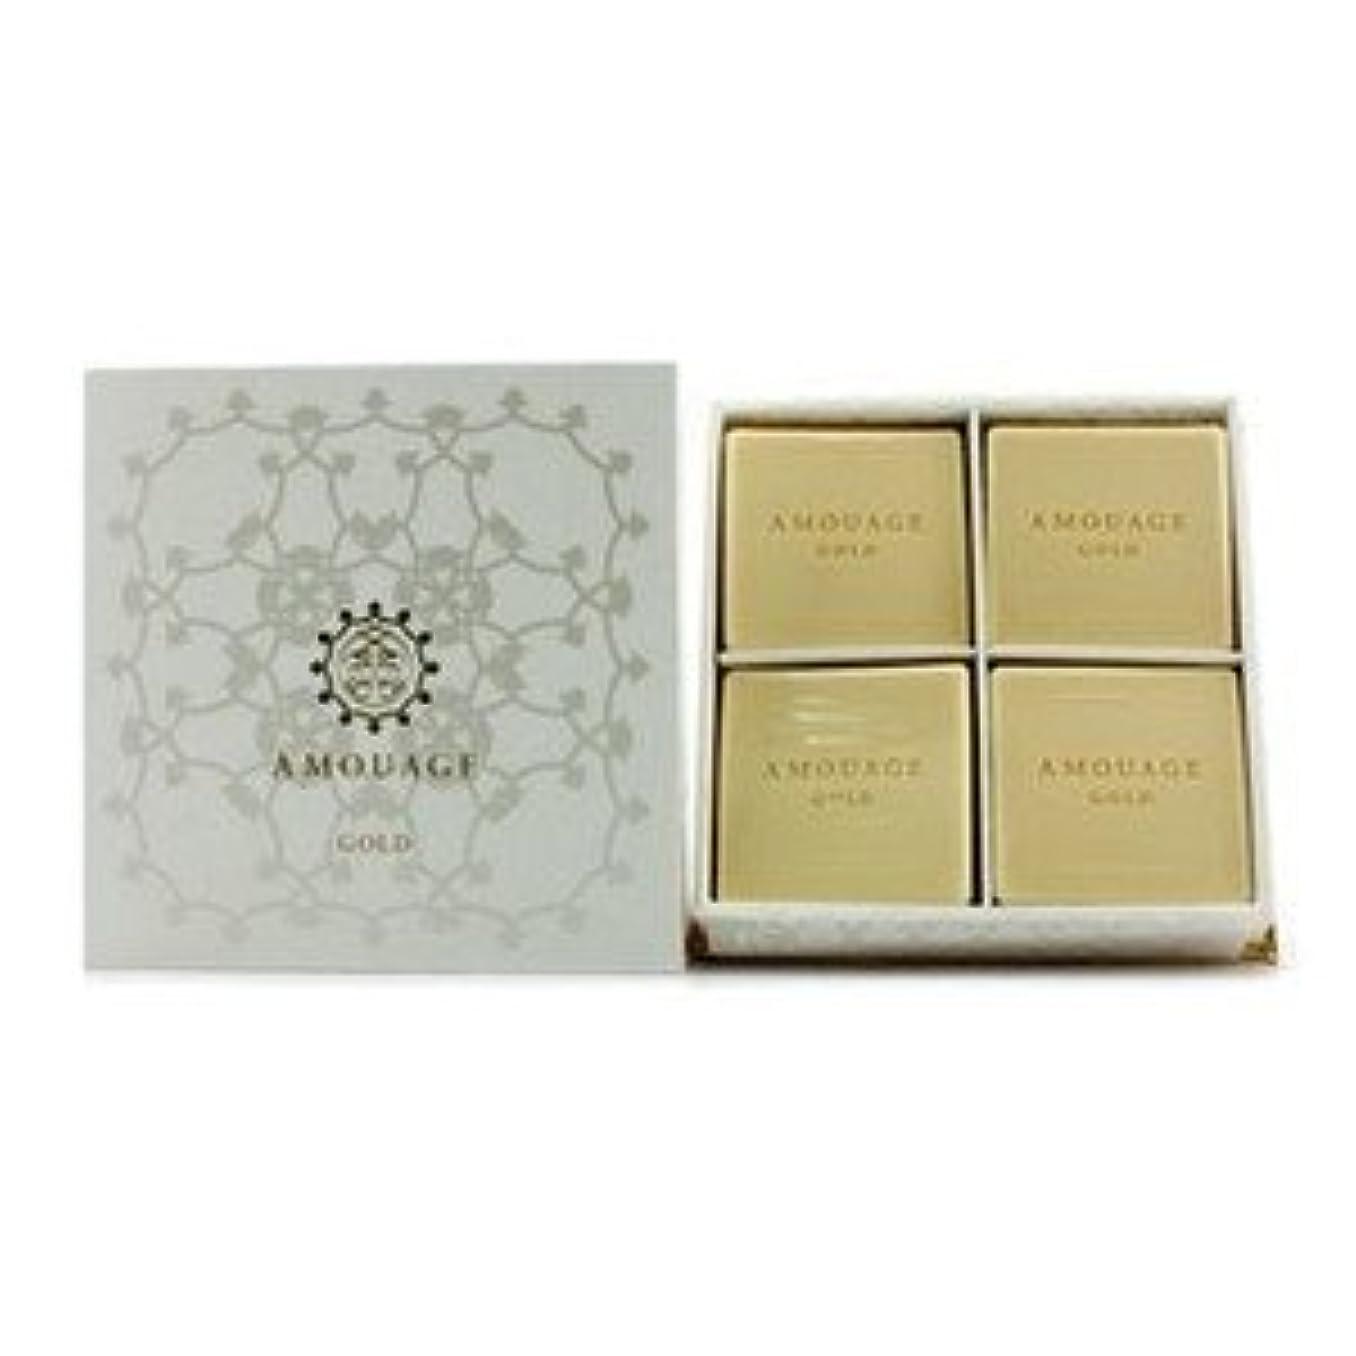 ルネッサンスダイヤモンド時計アムアージュ[Amouage] ゴールド パヒューム ソープ 4x50g/1.8oz [並行輸入品]